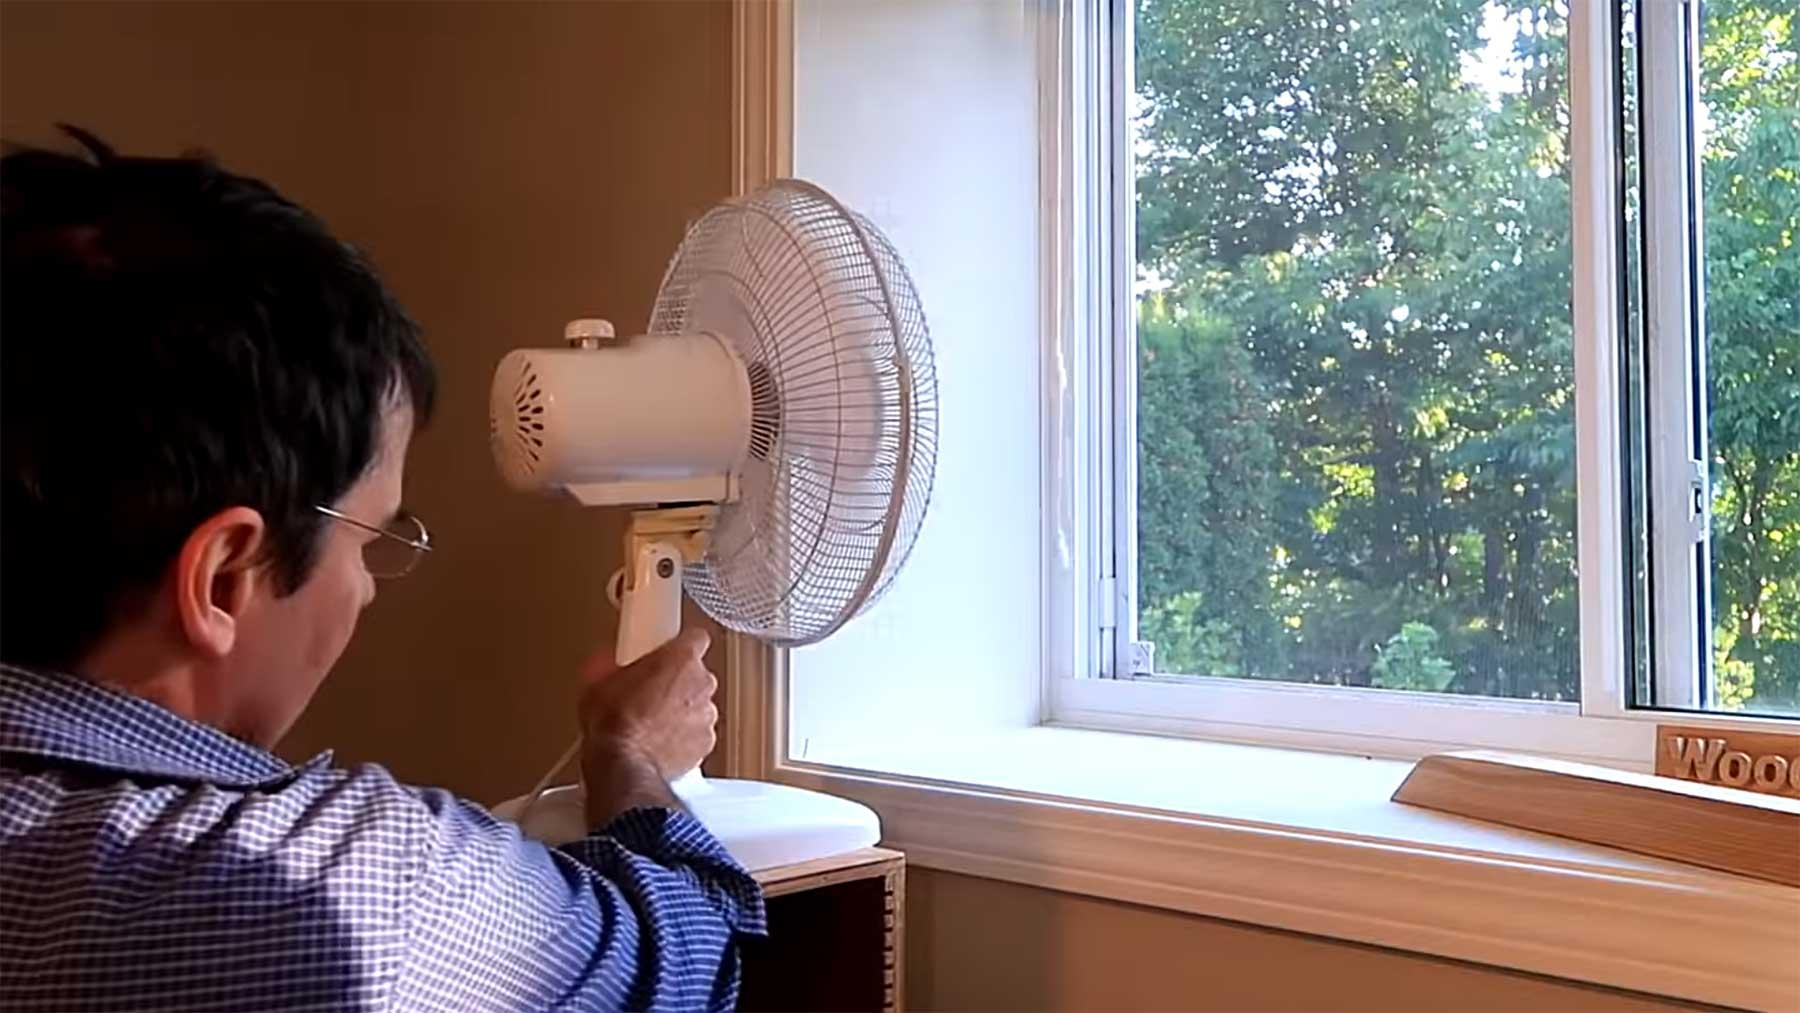 Wo stellt man den Ventilator am besten hin?